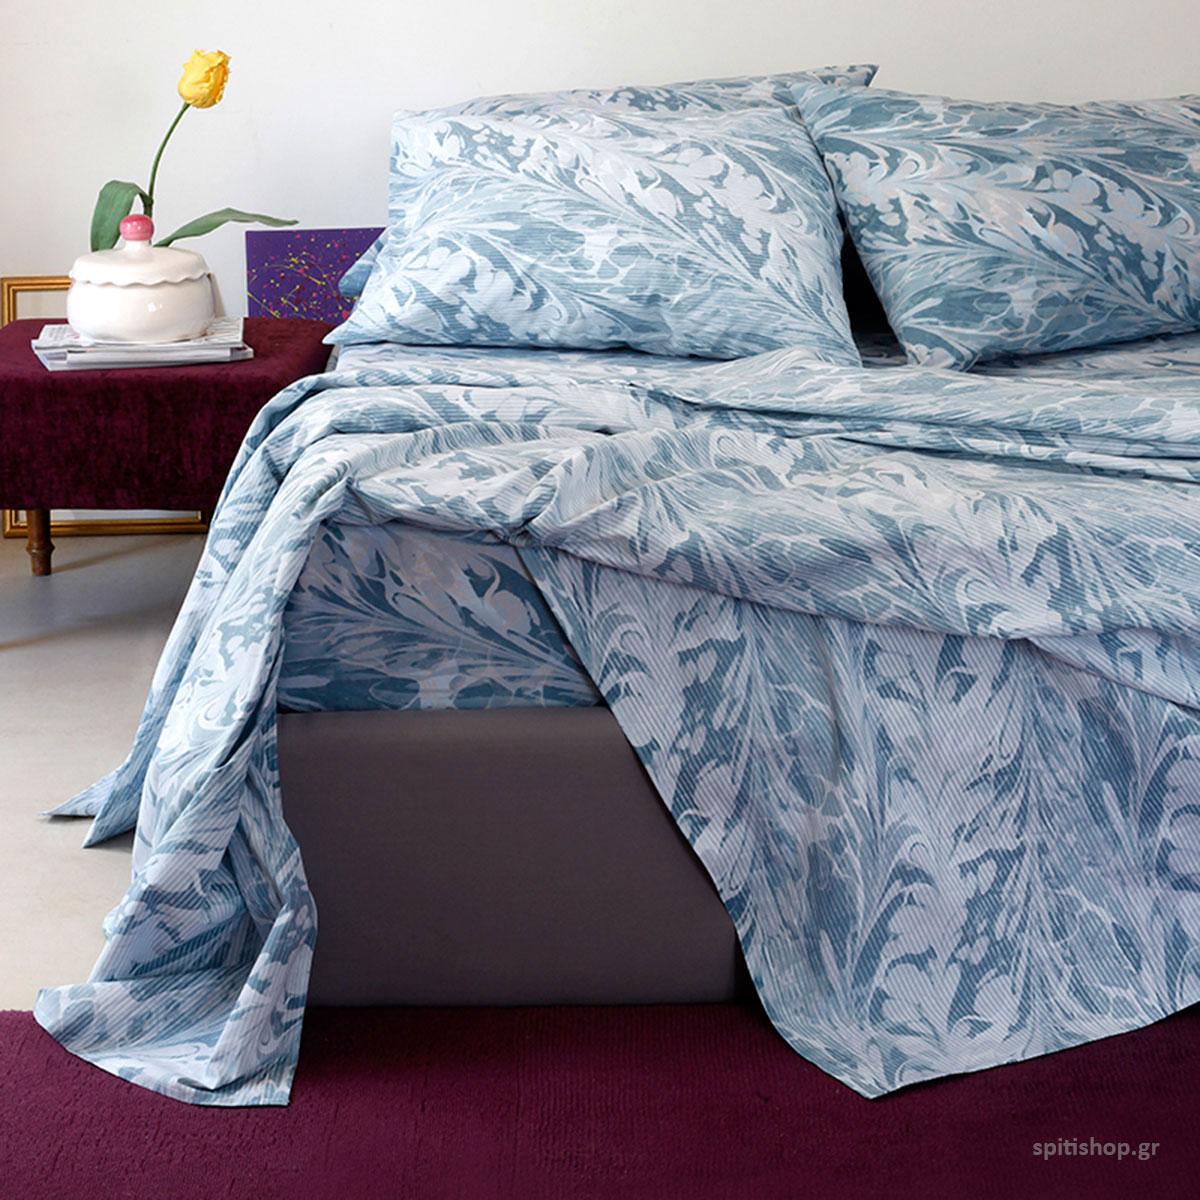 Σεντόνια King Size (Σετ) Melinen Ultra Brooks Blue ΧΩΡΙΣ ΛΑΣΤΙΧΟ 260×270 ΧΩΡΙΣ ΛΑΣΤΙΧΟ 260×270